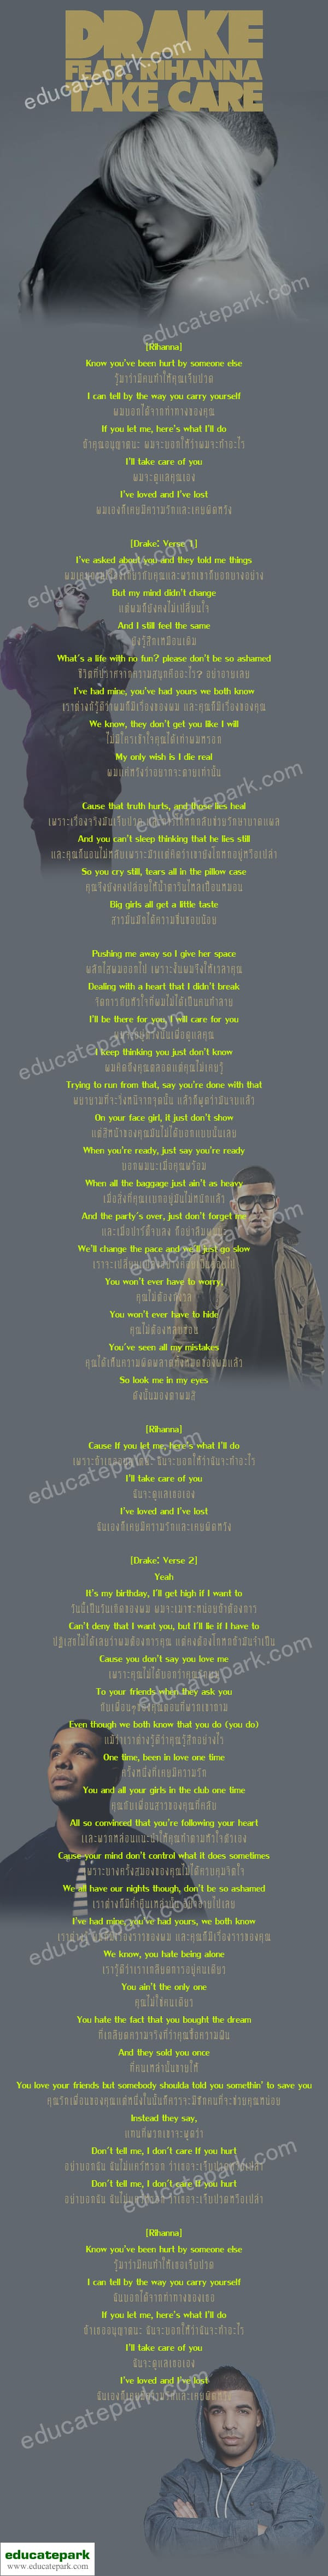 แปลเพลง Take Care - Drake ft. Rihanna